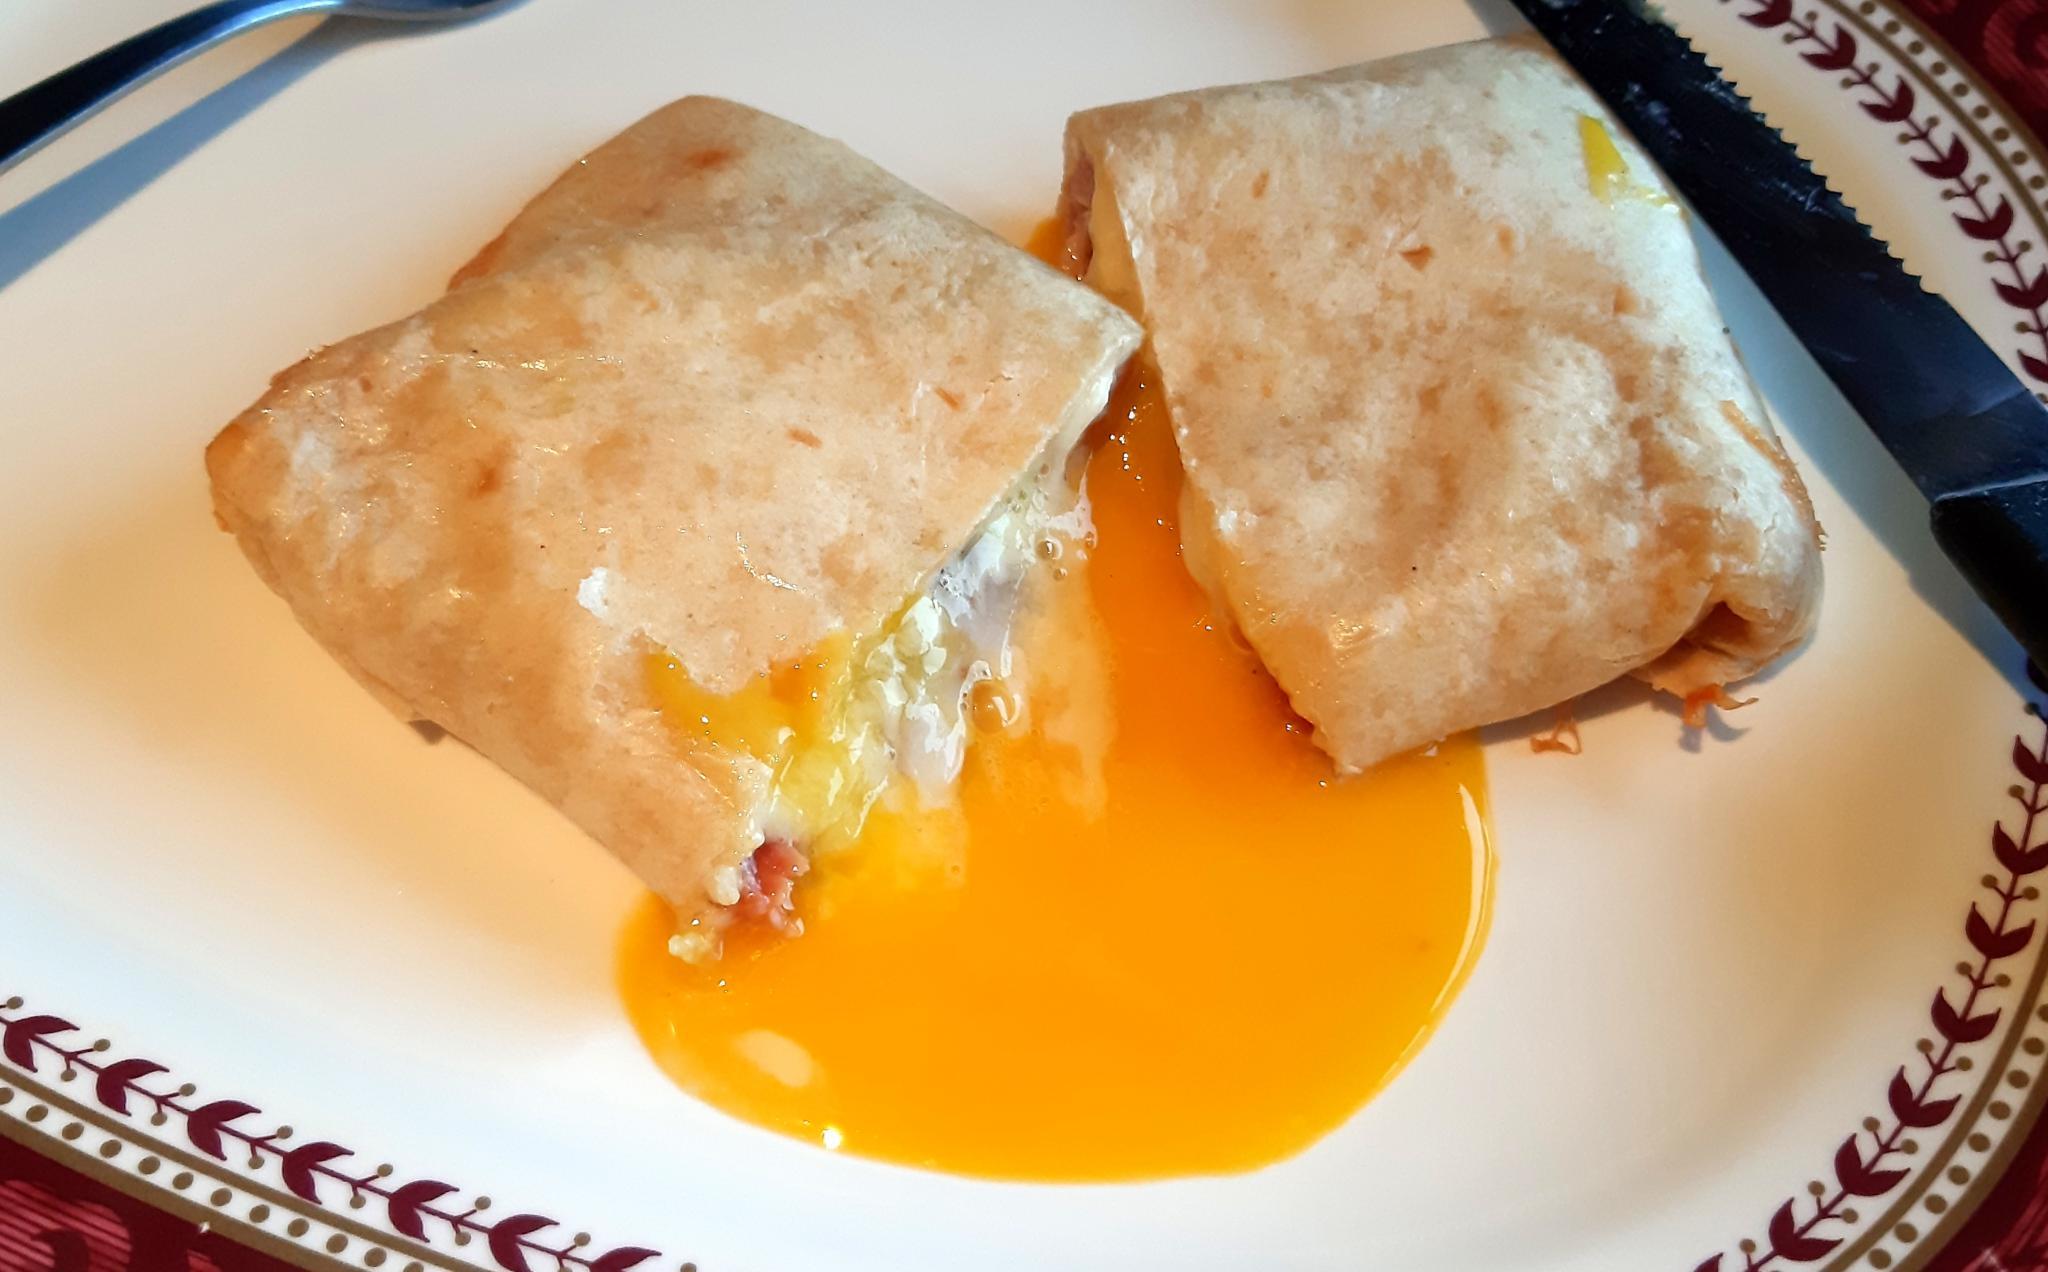 Breakfast-20200117_105227-jpg